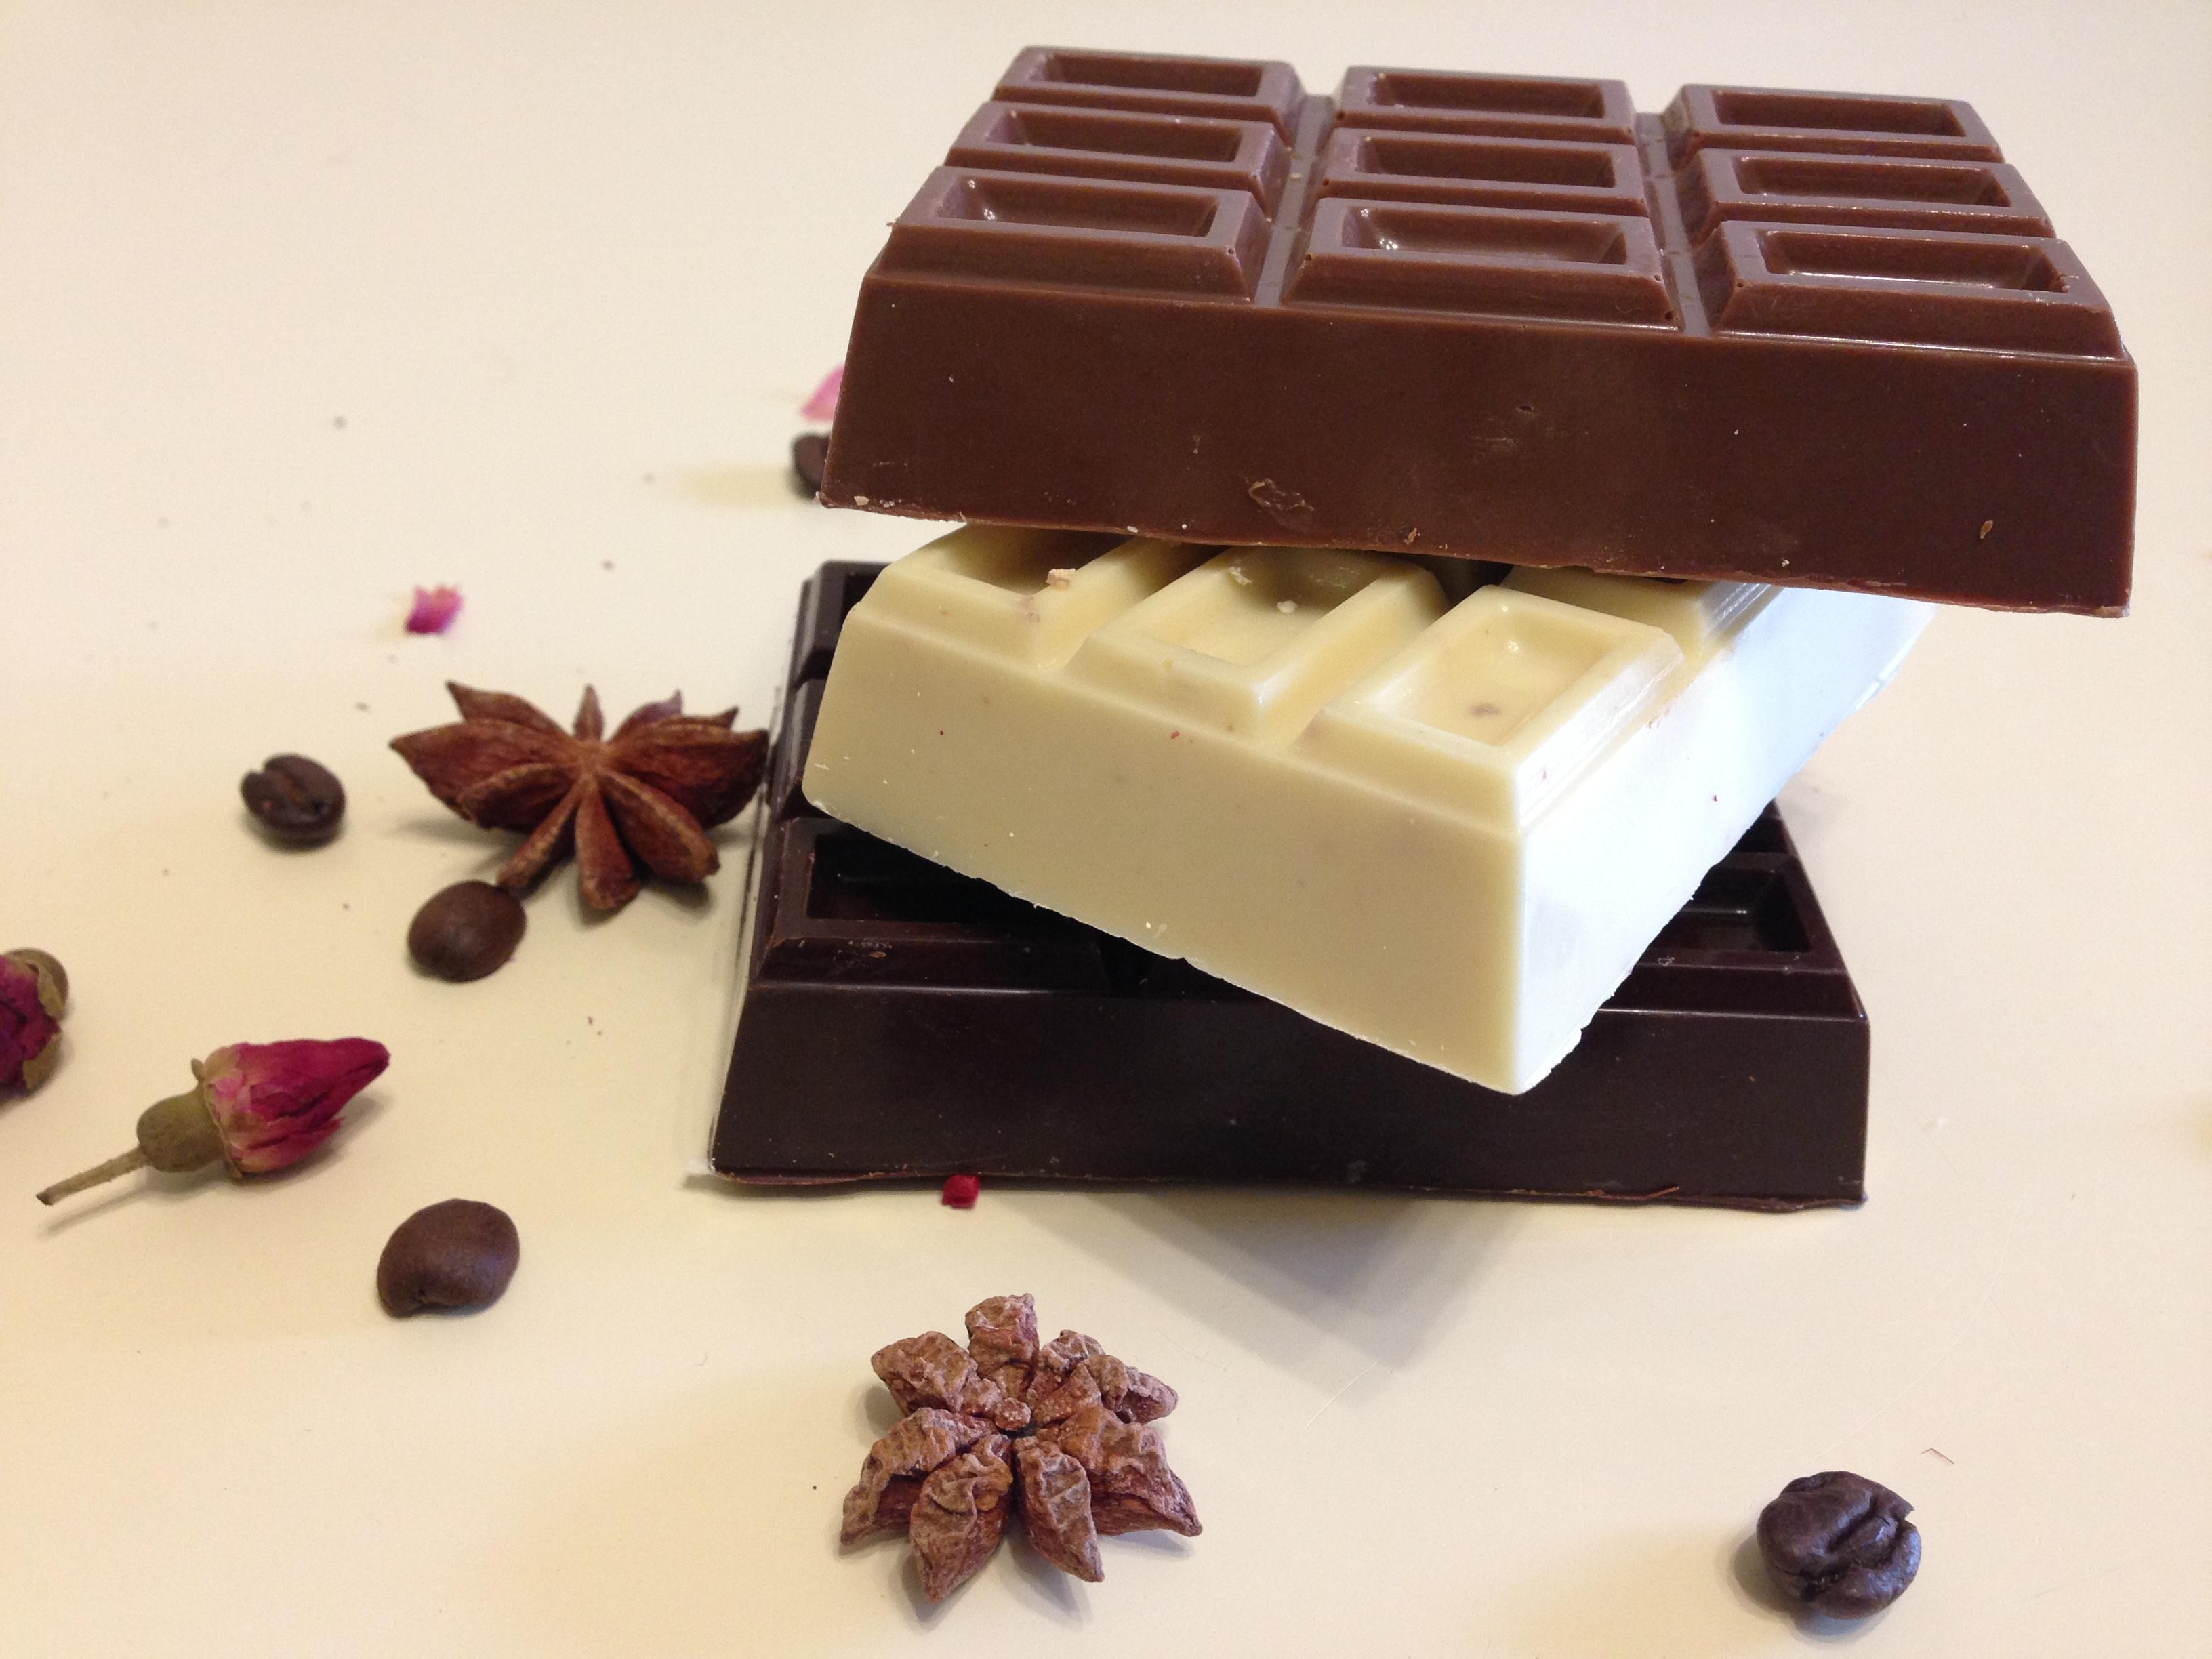 система темный и белый шоколад картинки выбирайте картинку